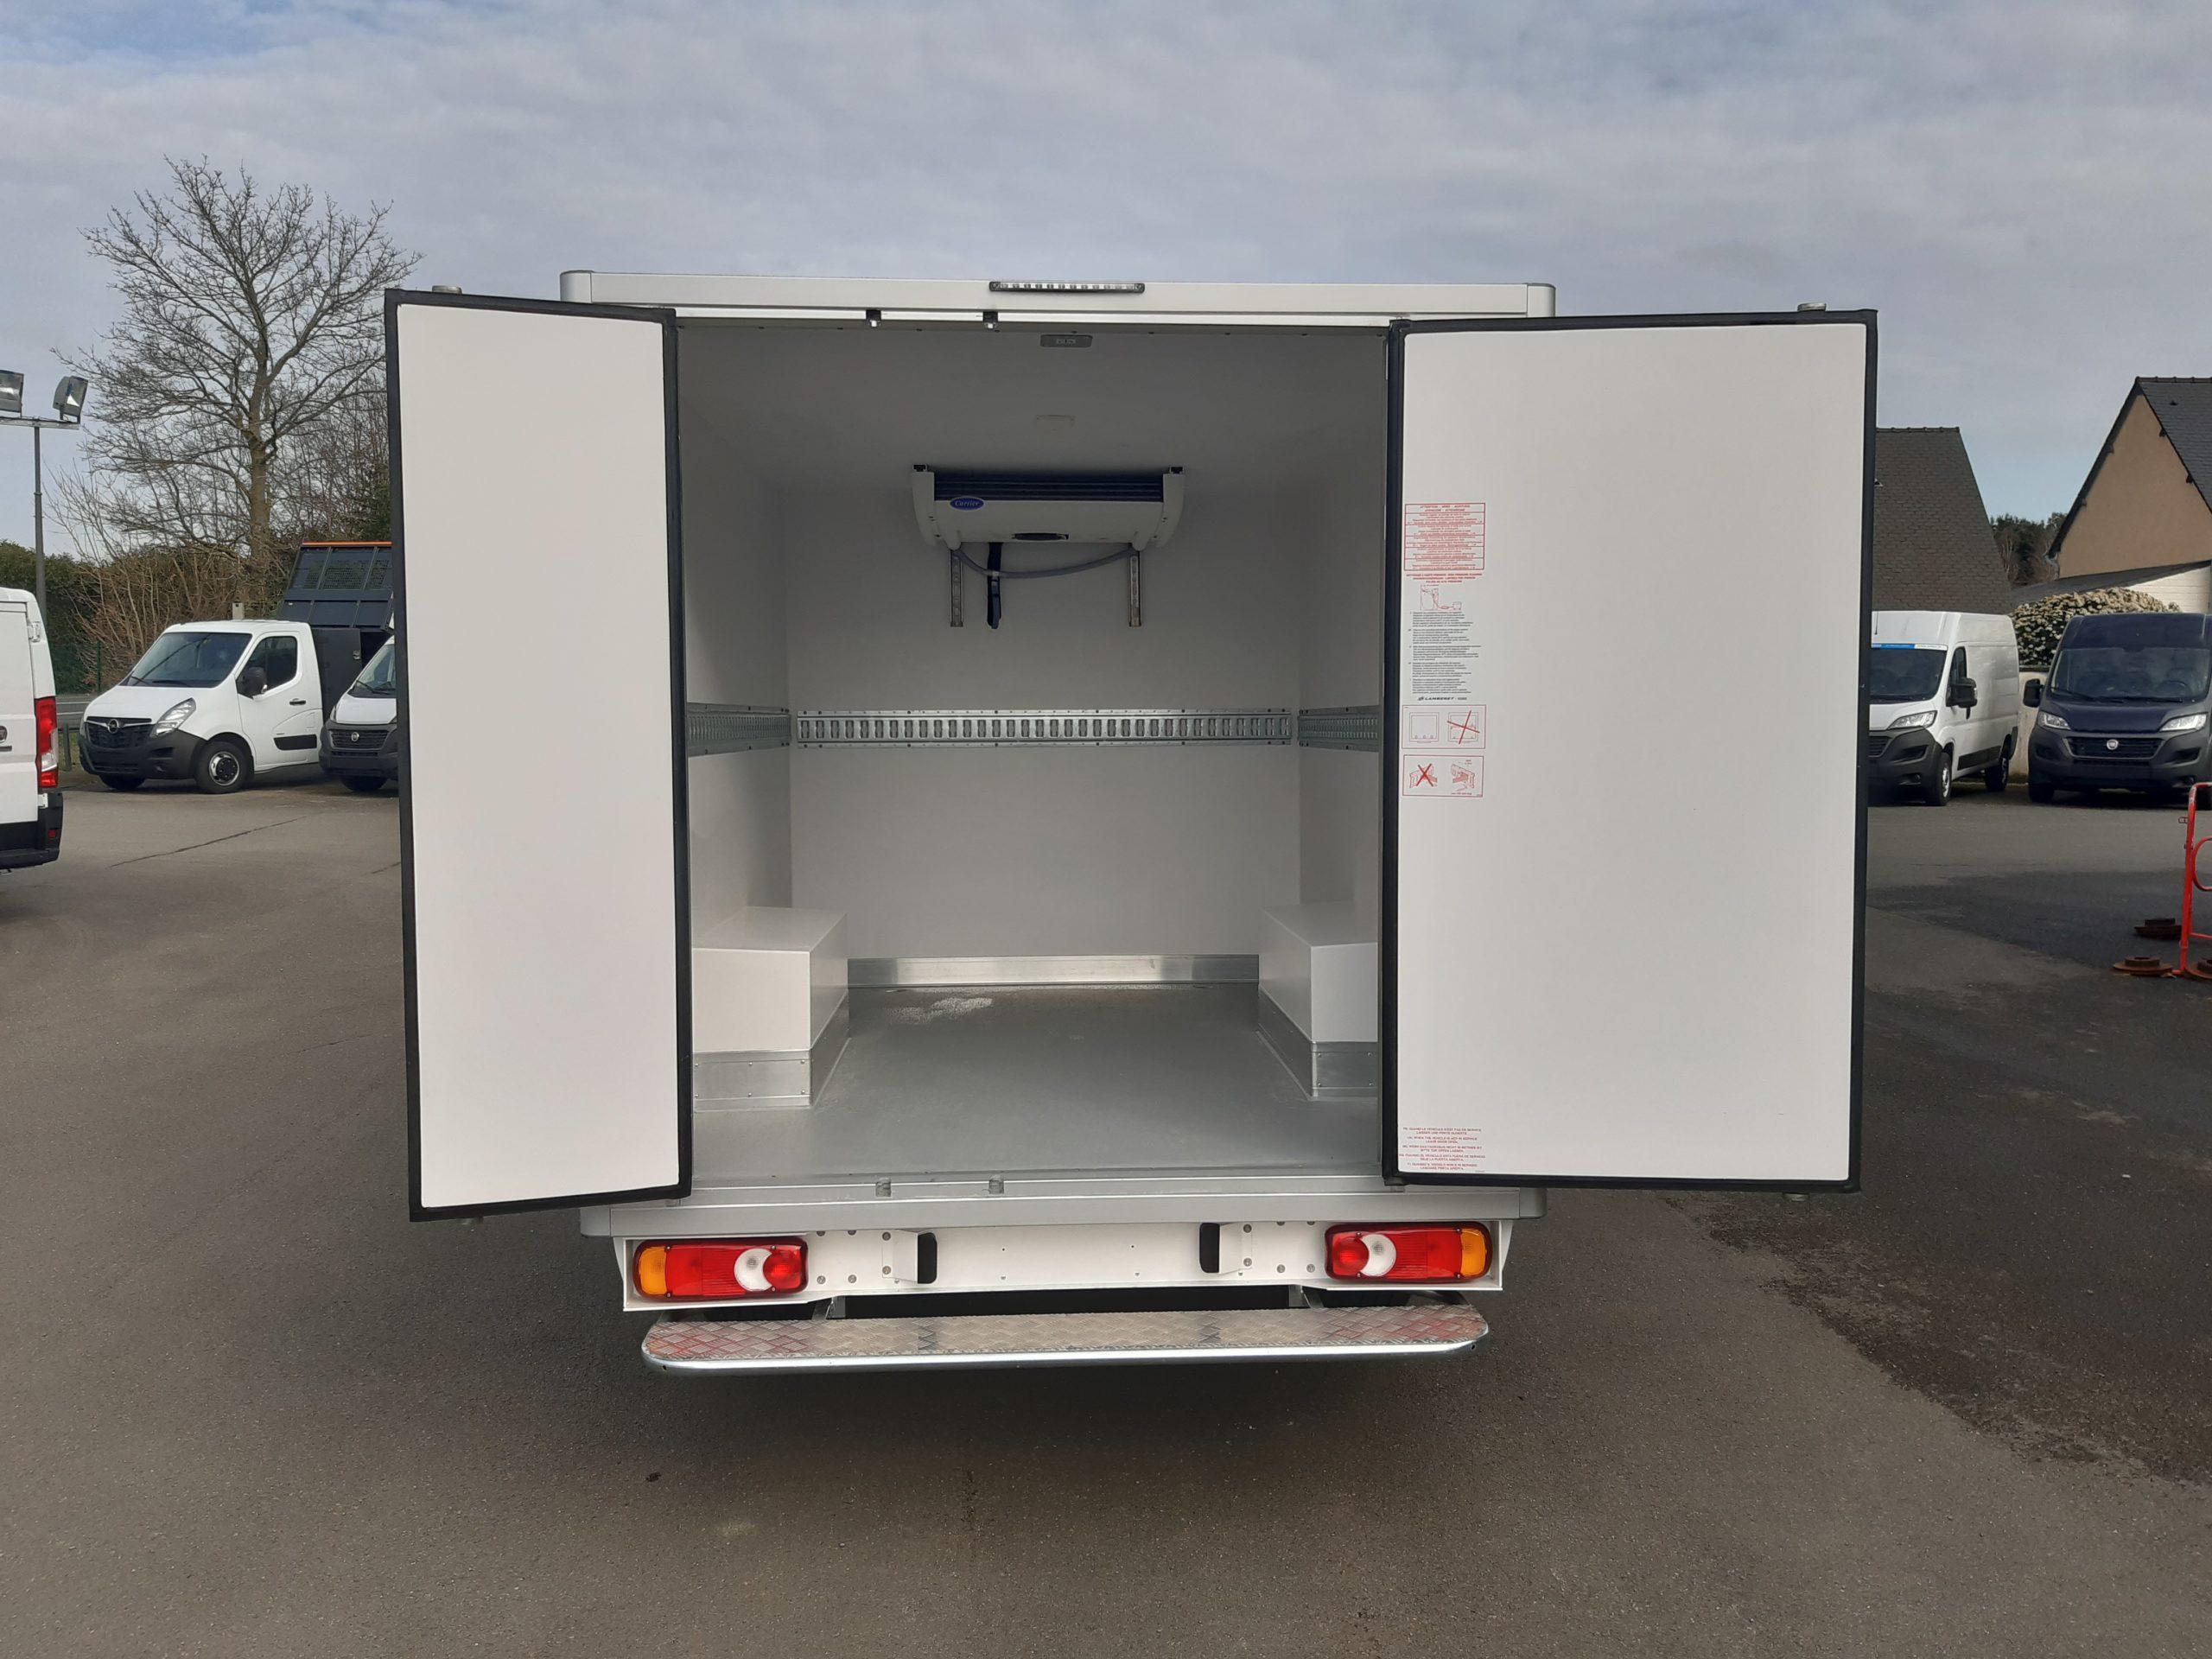 Location d'un utilitaire frigorifique plancher cabine - Vue6